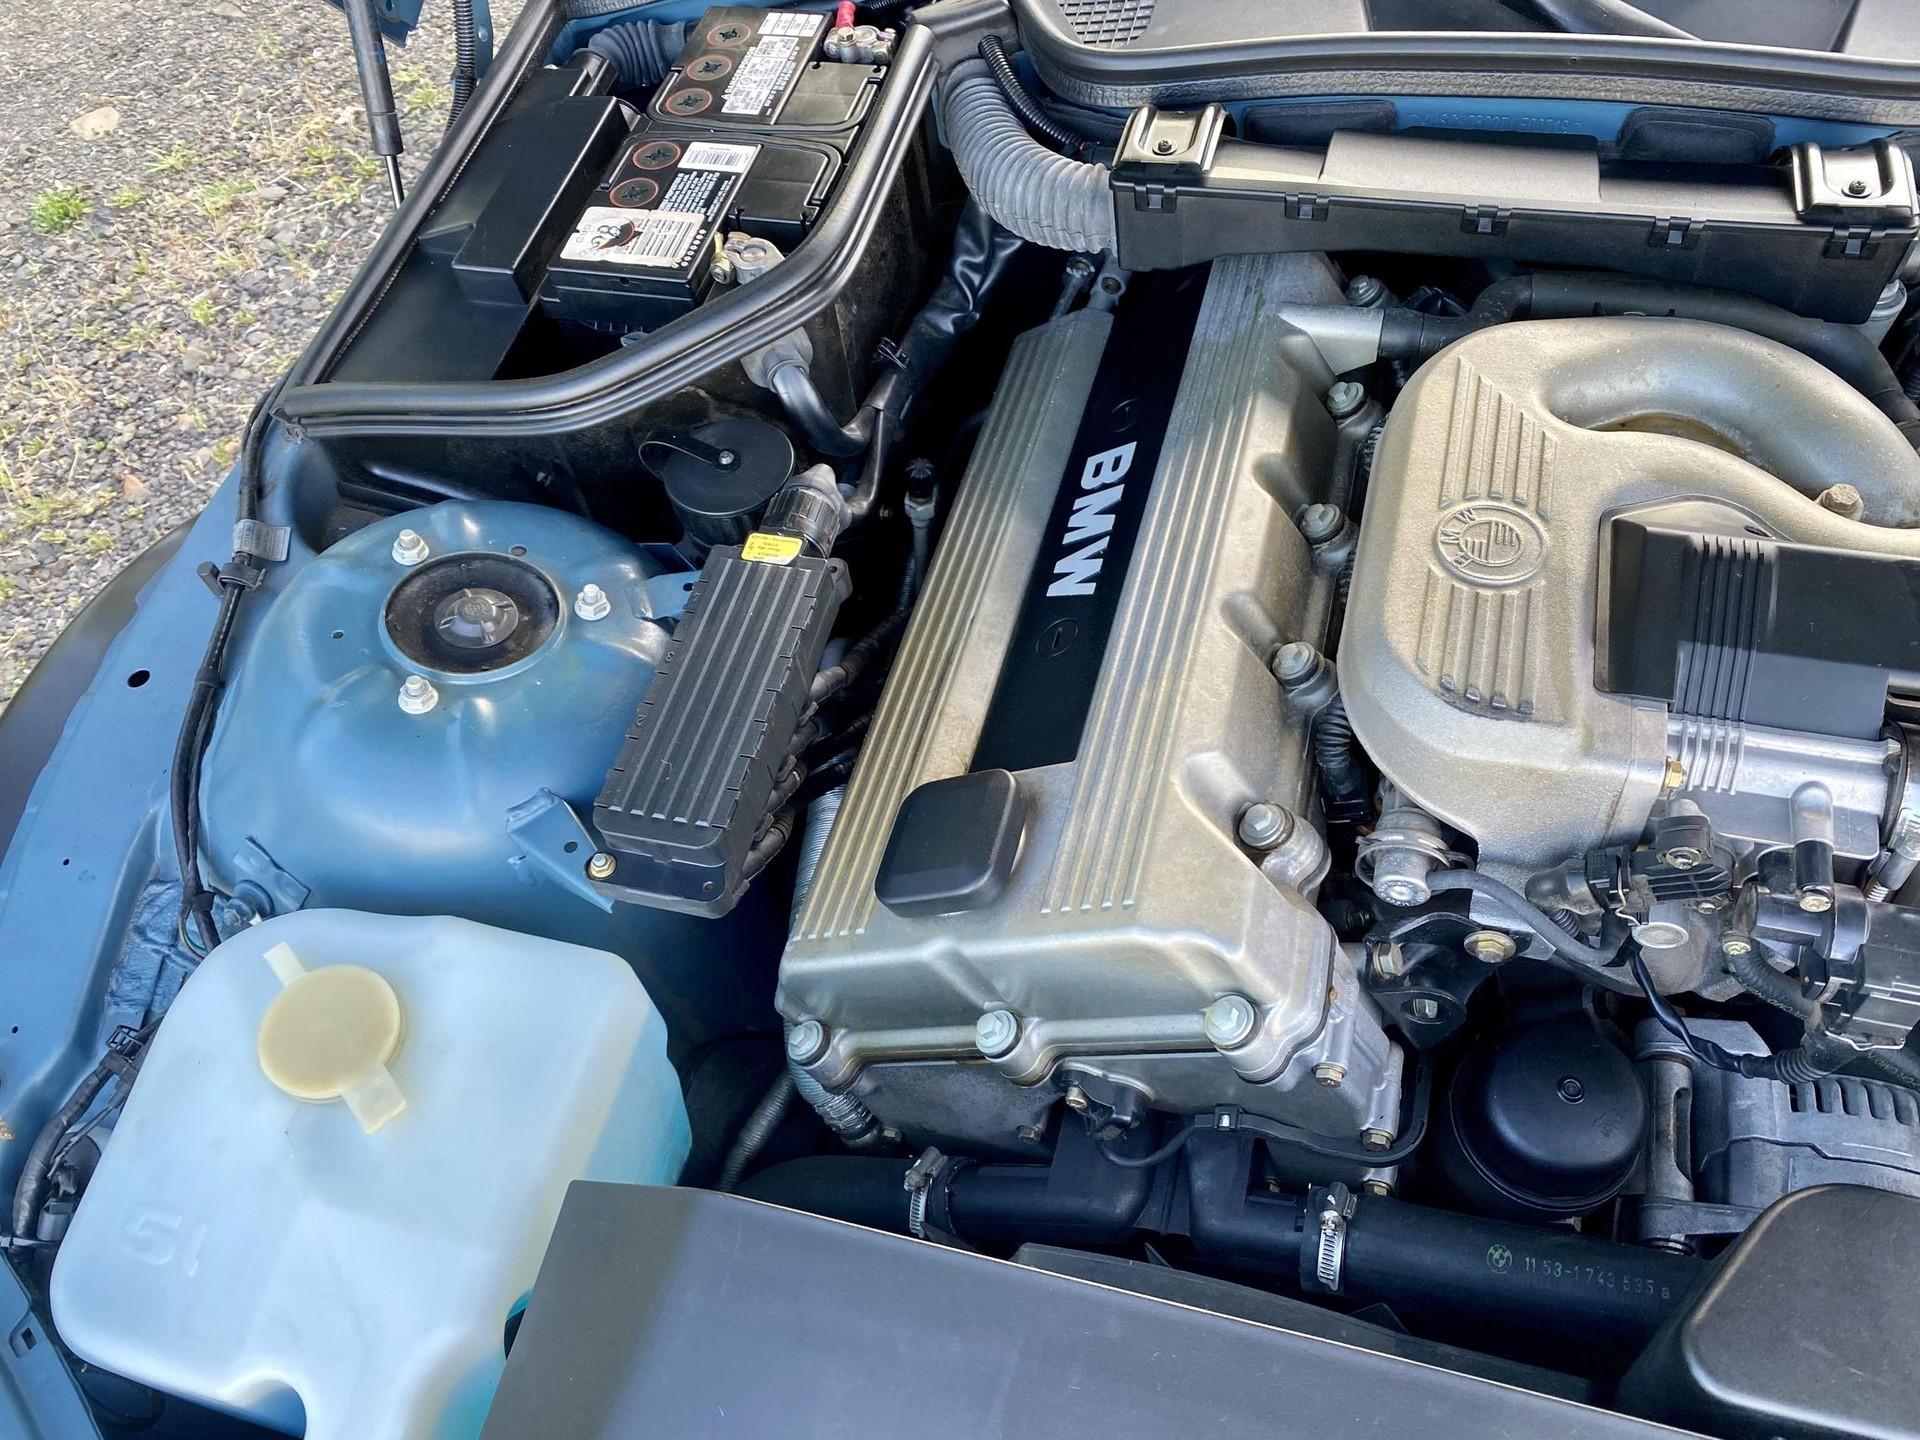 1996_BMW_Z3_James_Bond_Edition_sale-0005